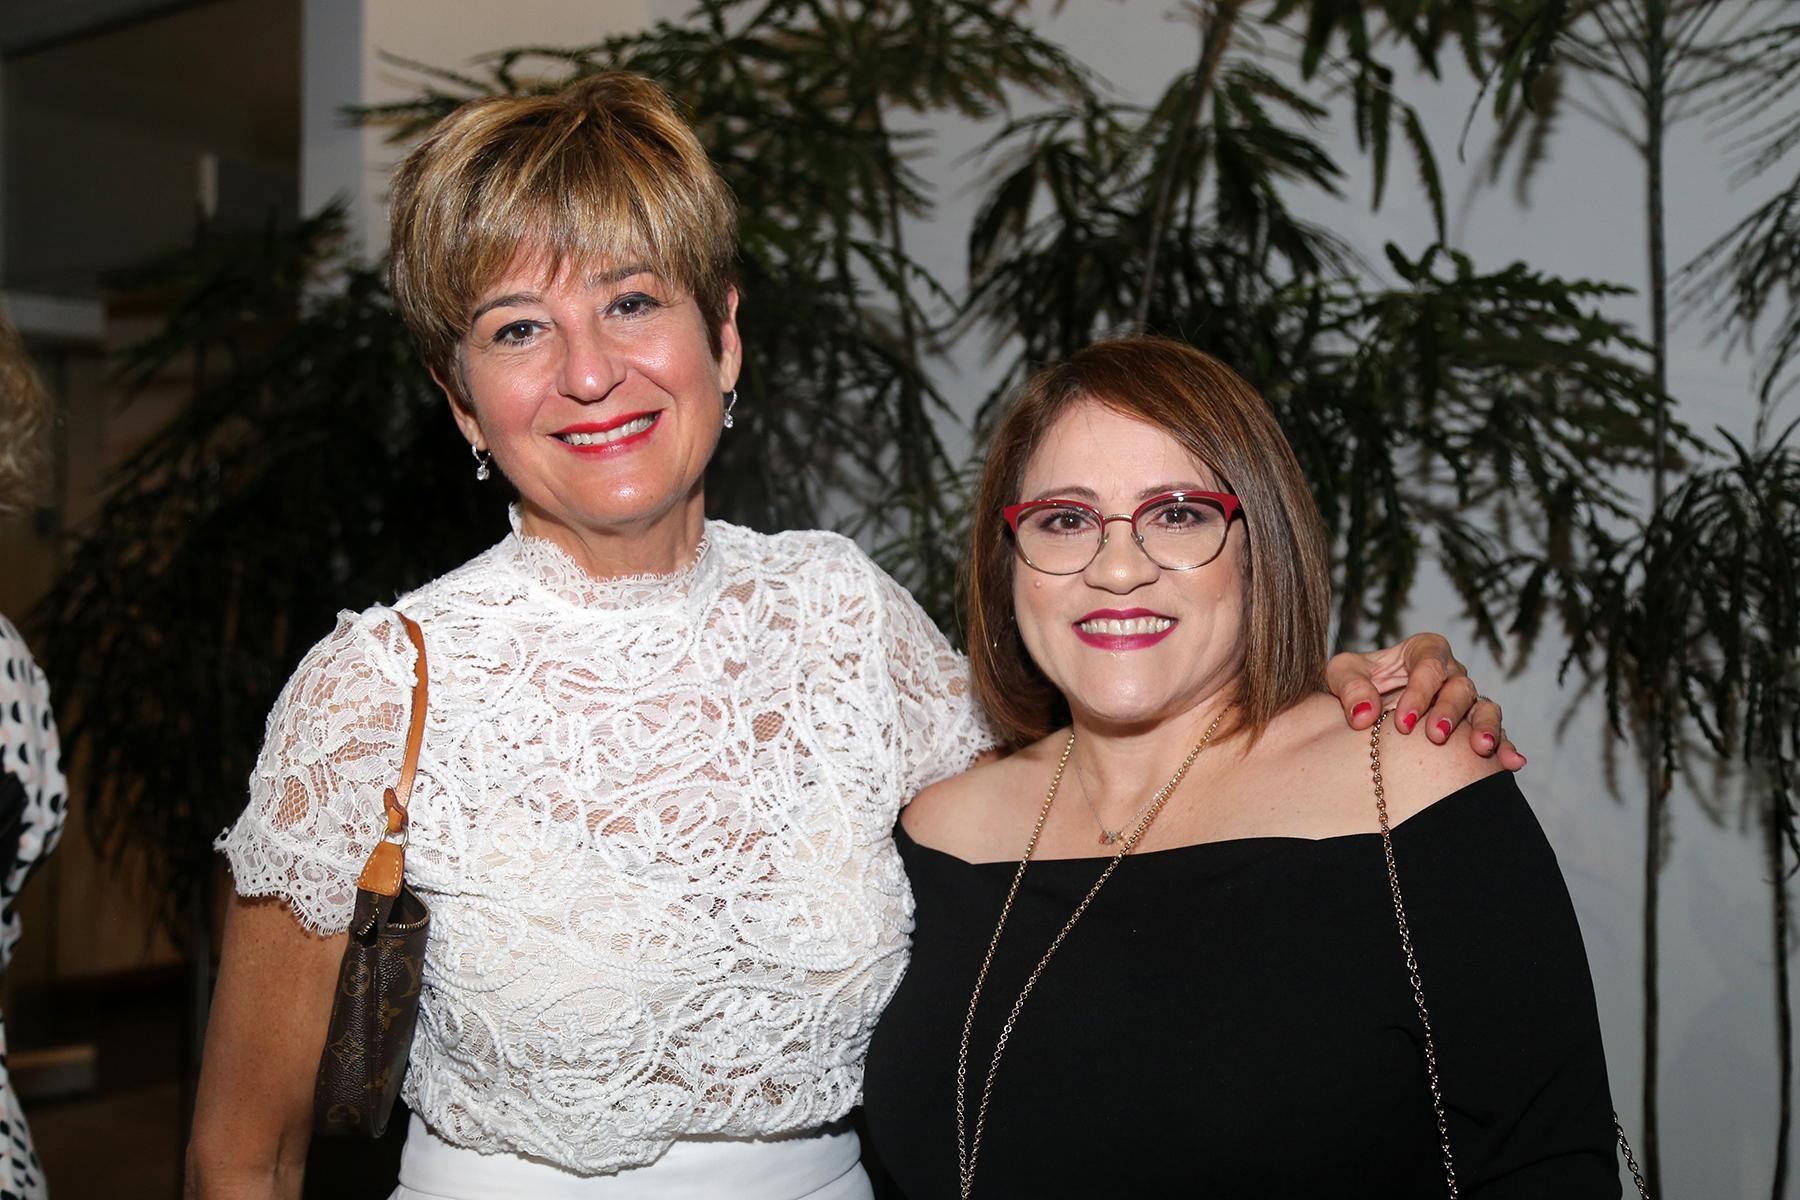 Brenda León y Jackelyn Báez. (Foto: Nichole Saldarriaga)